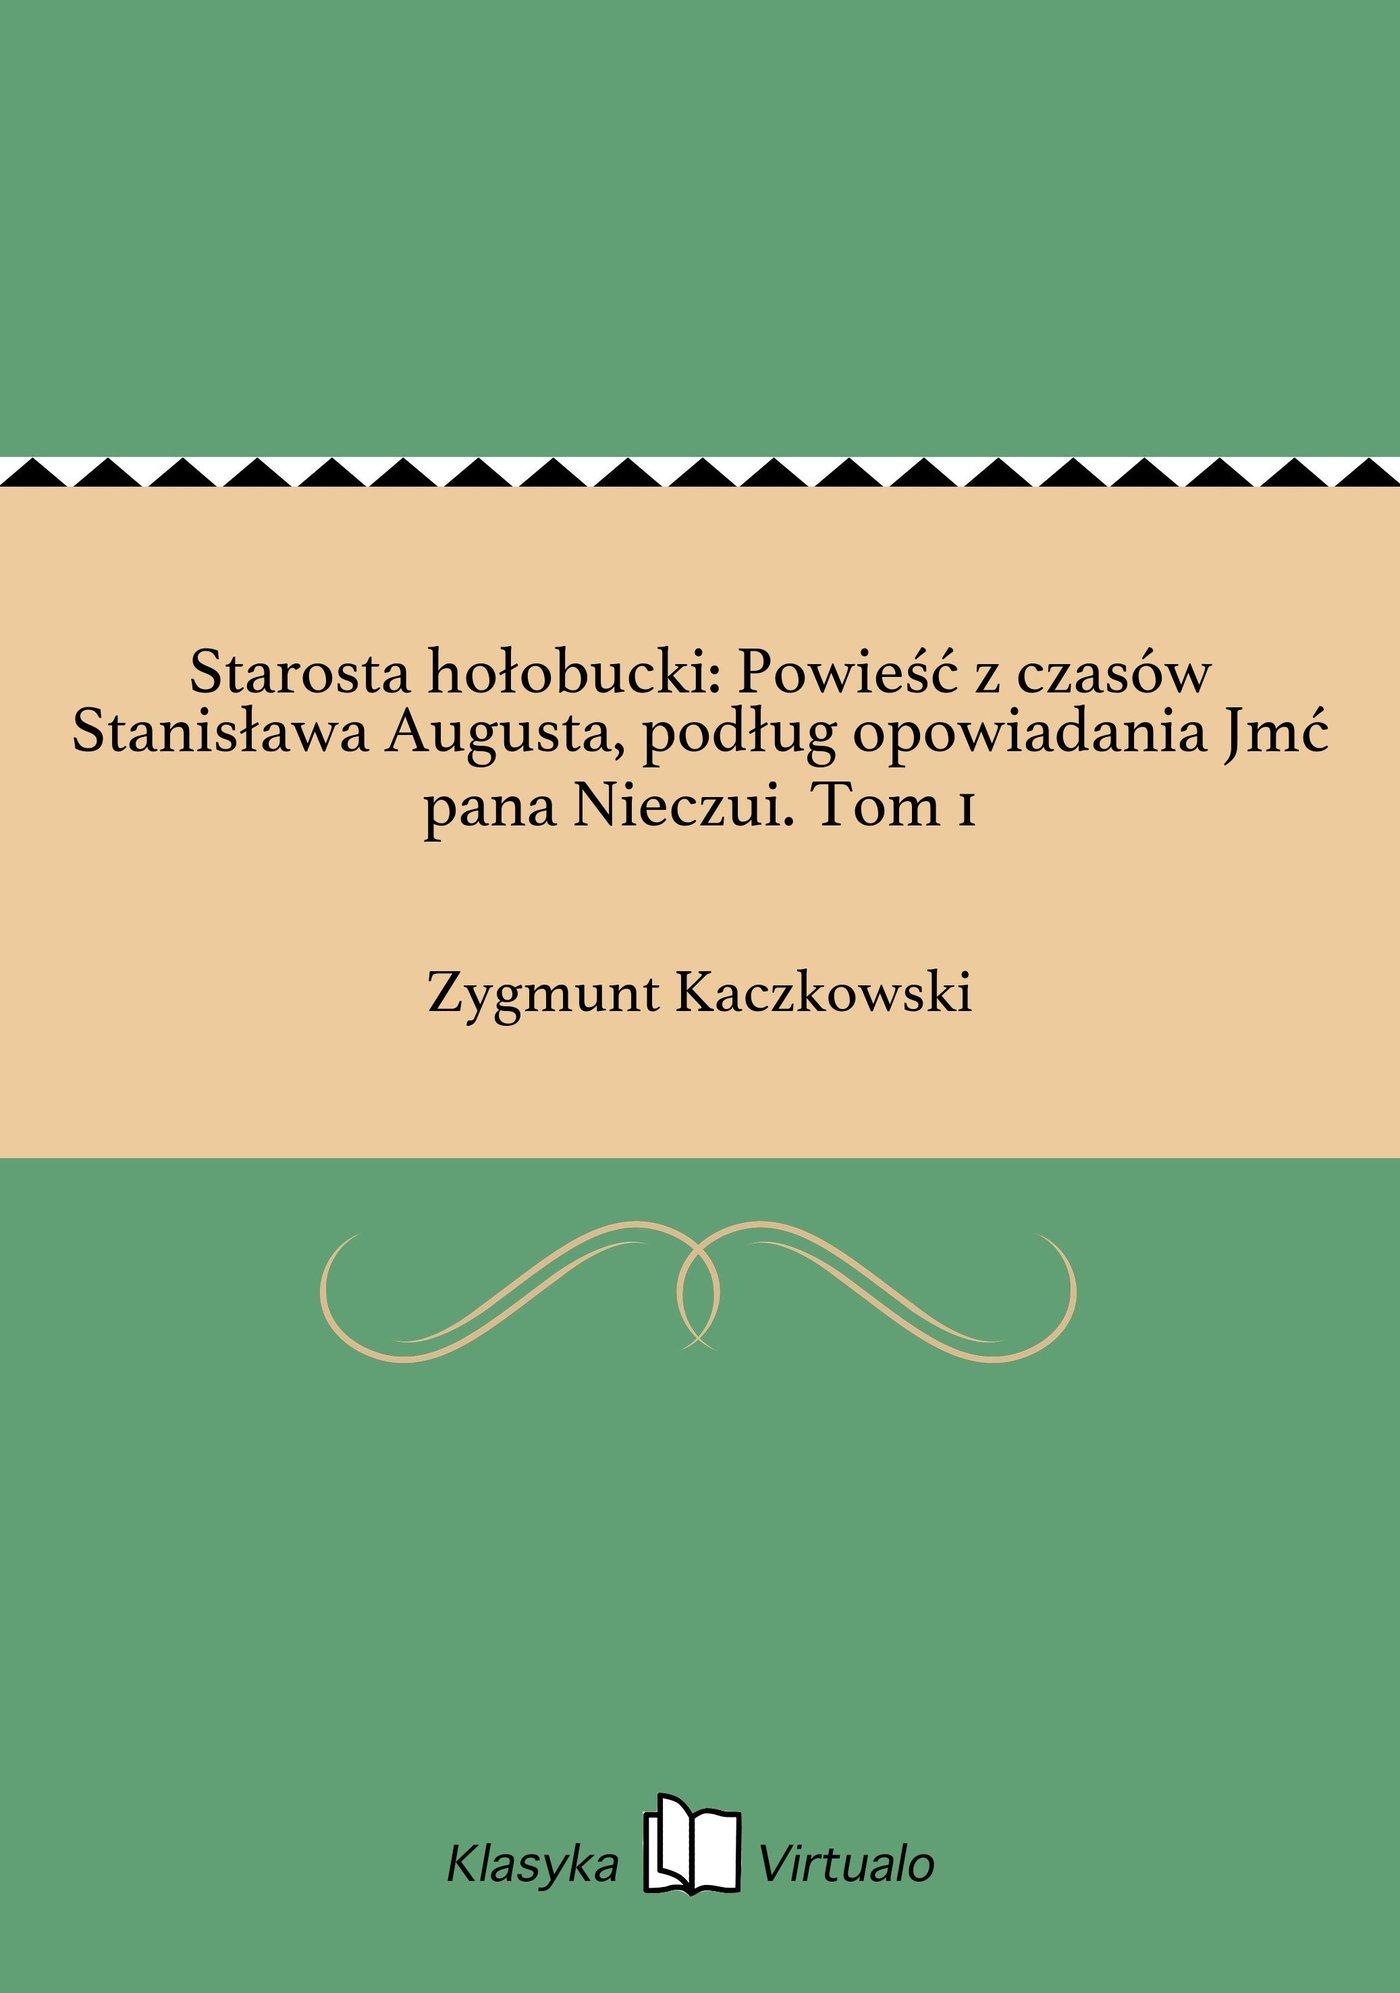 Starosta hołobucki: Powieść z czasów Stanisława Augusta, podług opowiadania Jmć pana Nieczui. Tom 1 - Ebook (Książka EPUB) do pobrania w formacie EPUB